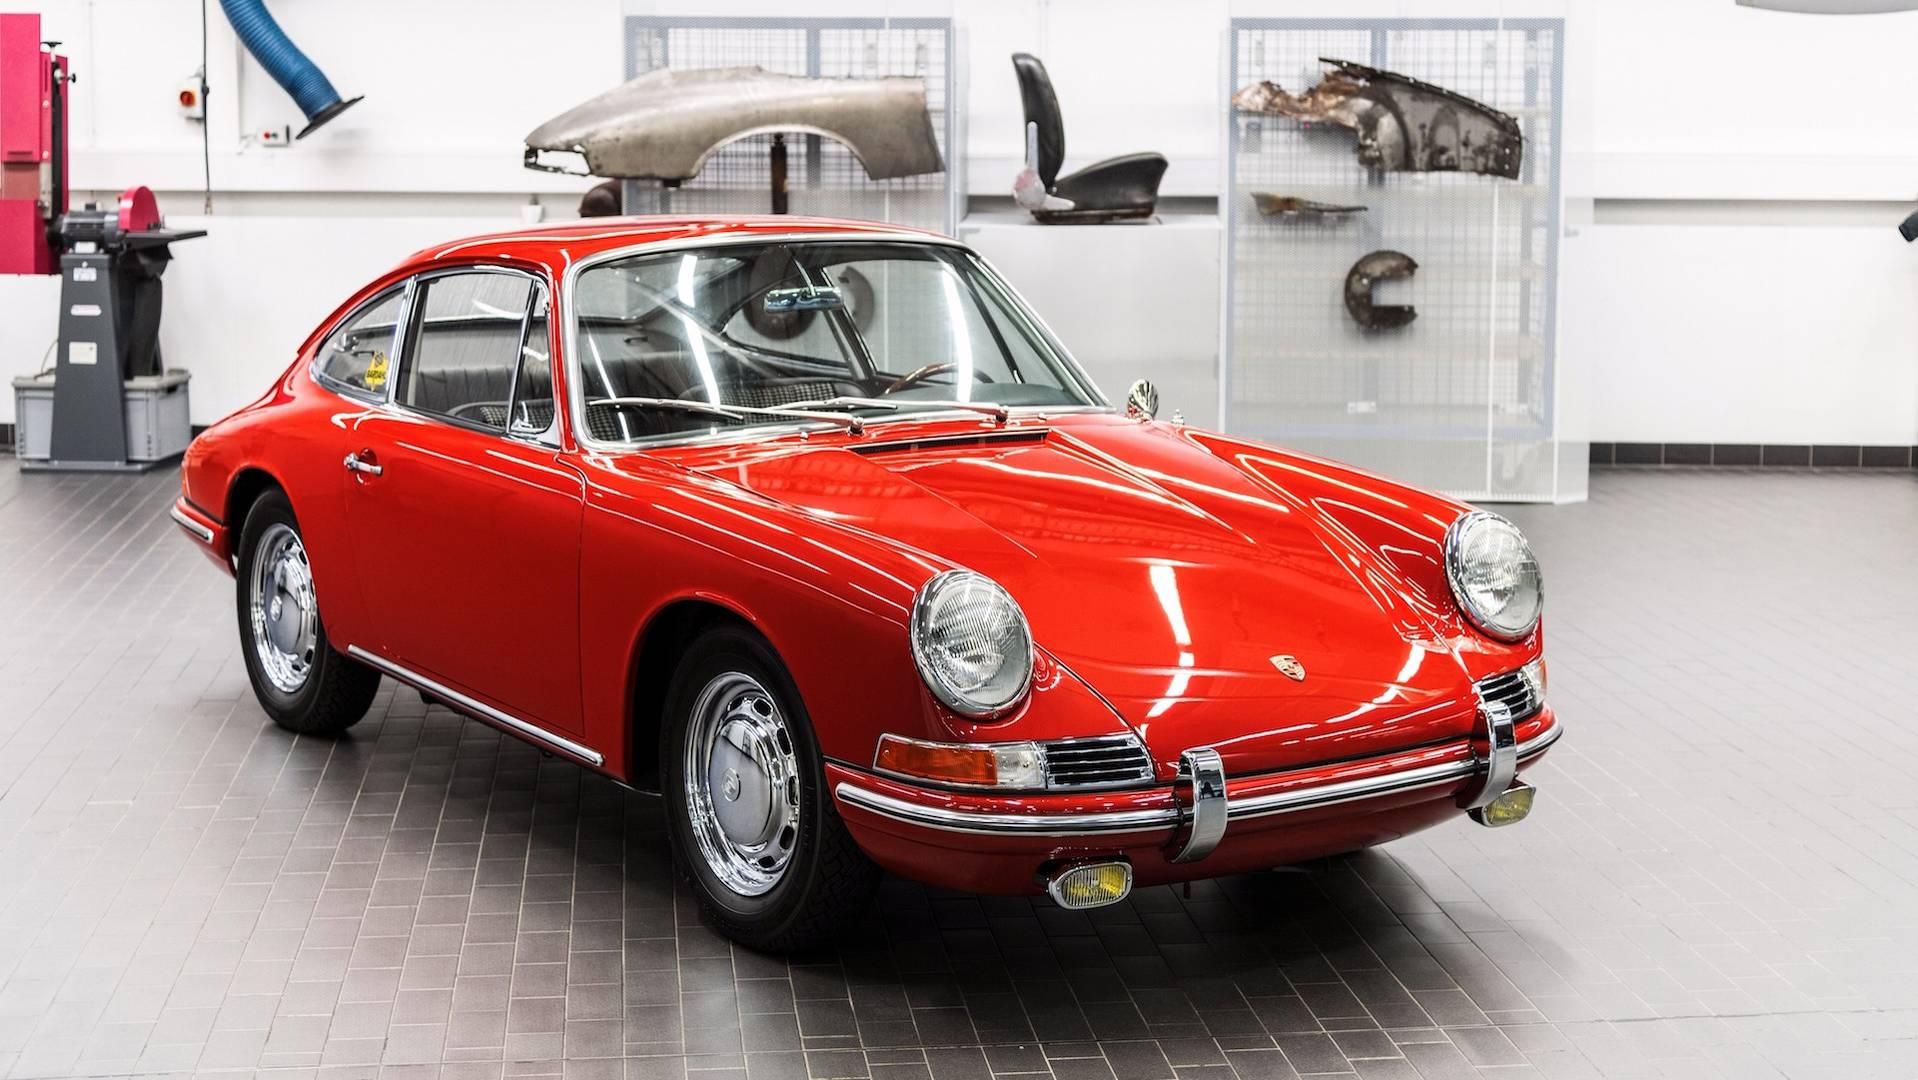 Porsche 901 911 restoration porsche museum (19)